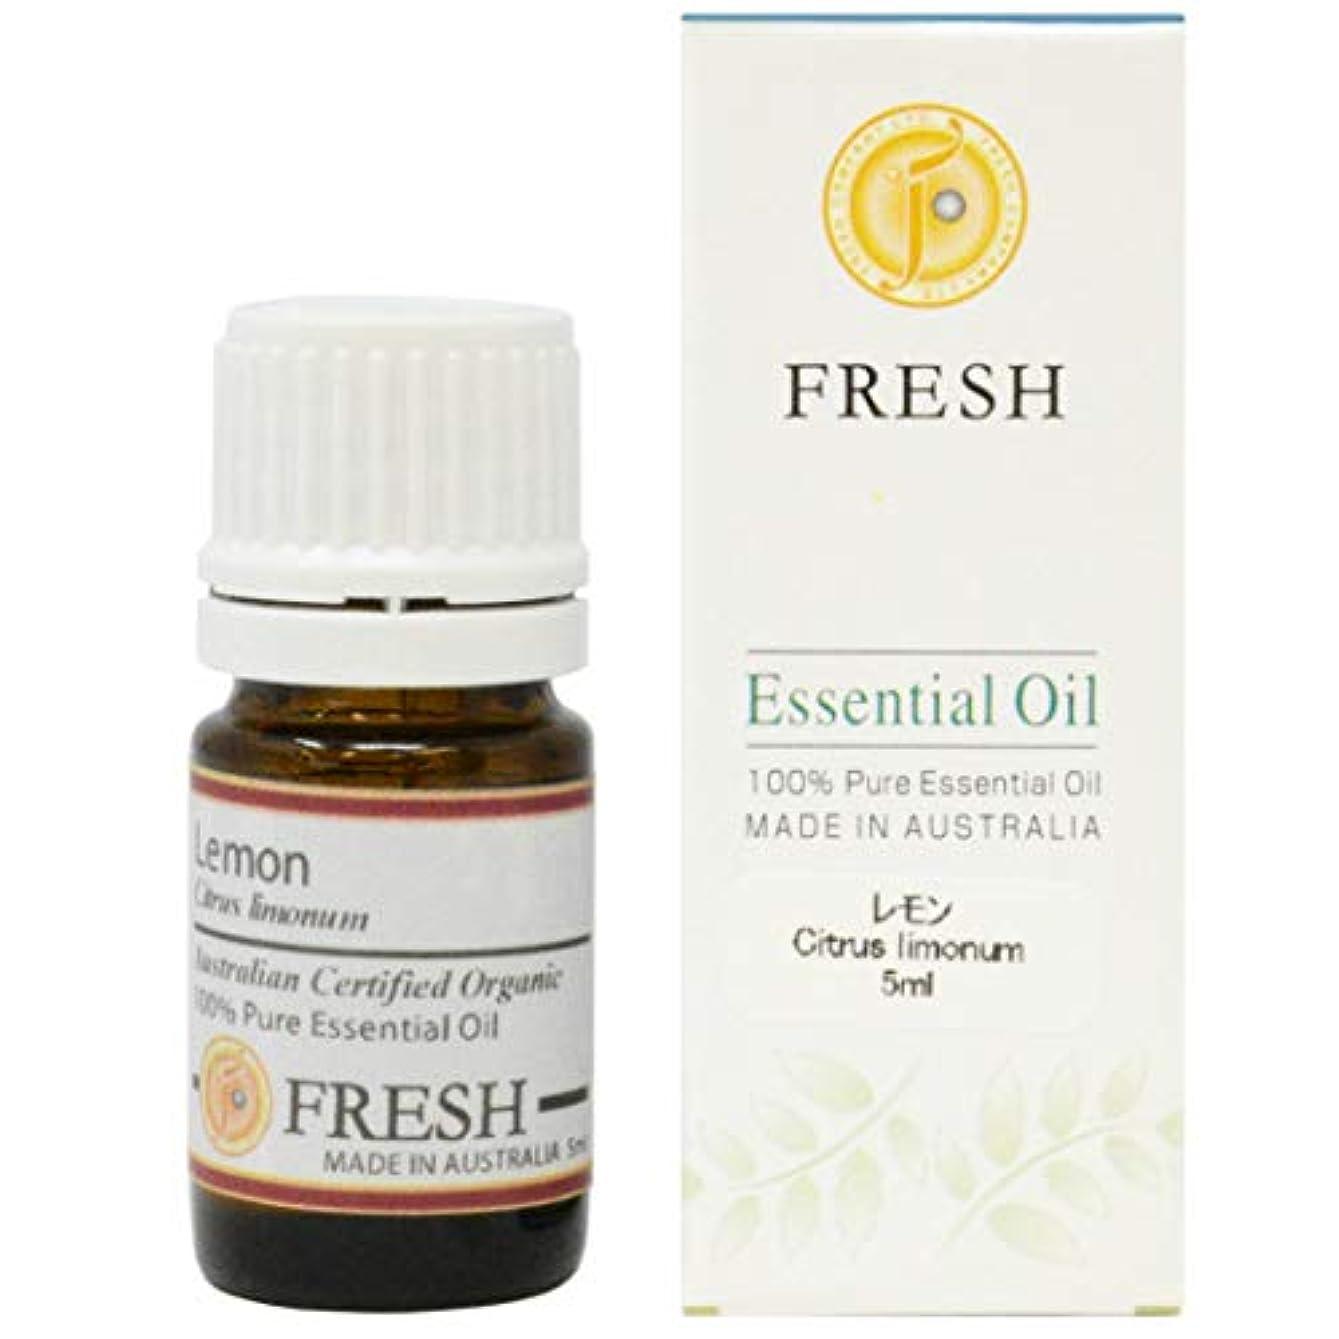 器具雄弁のFRESH オーガニック エッセンシャルオイル レモン 5ml (FRESH 精油)